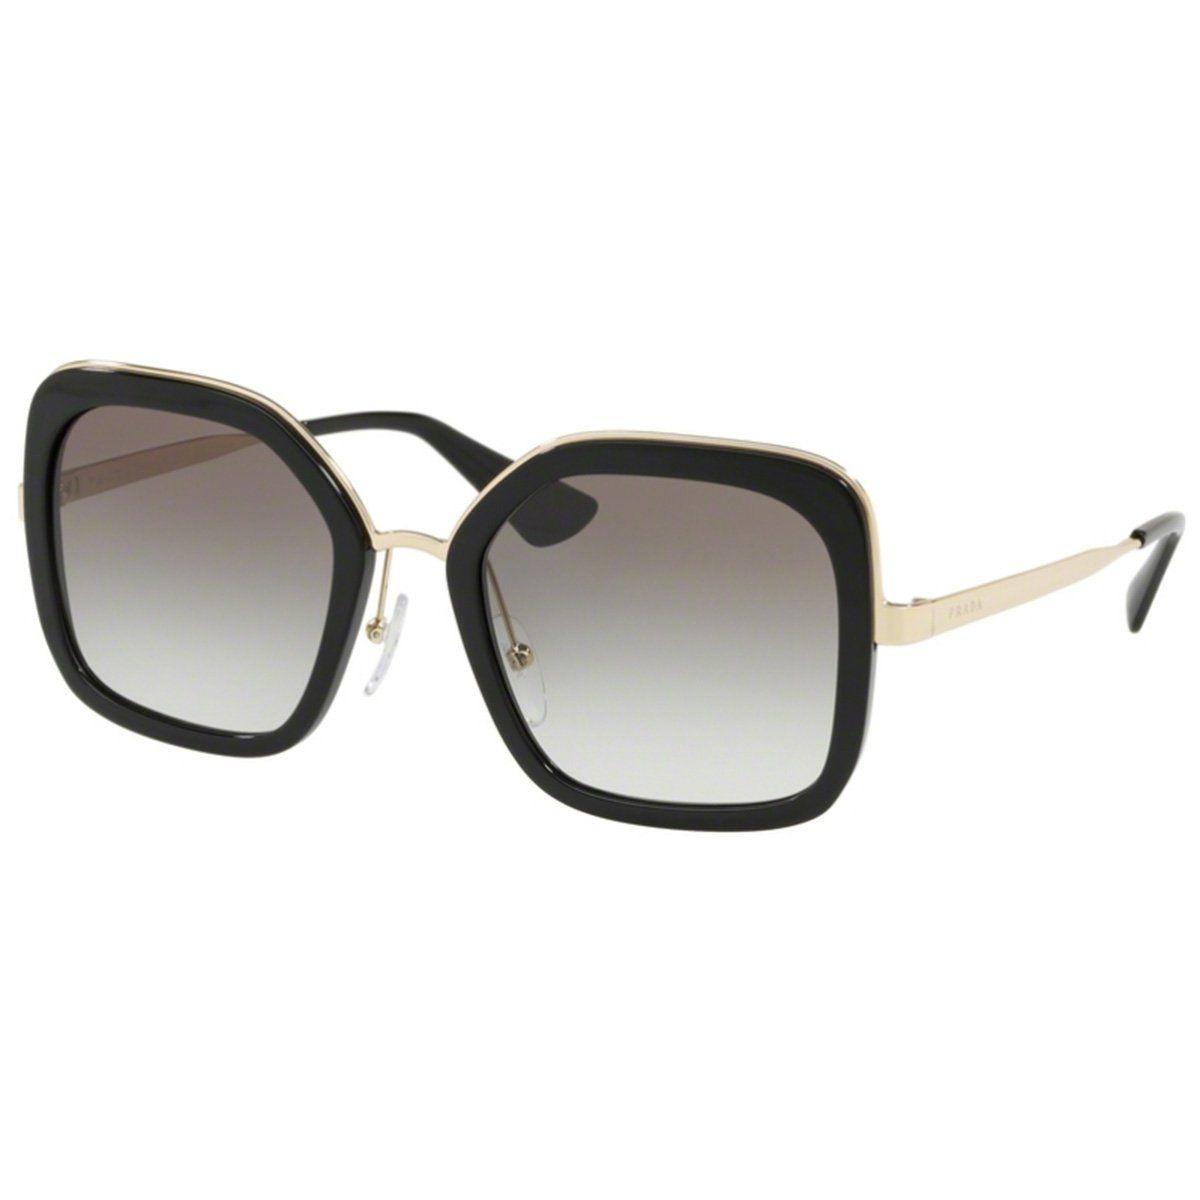 3148c95473dbb Óculos De Sol Prada Feminino Spr57u 1ab-0a7 - R  959,00 em Mercado Livre